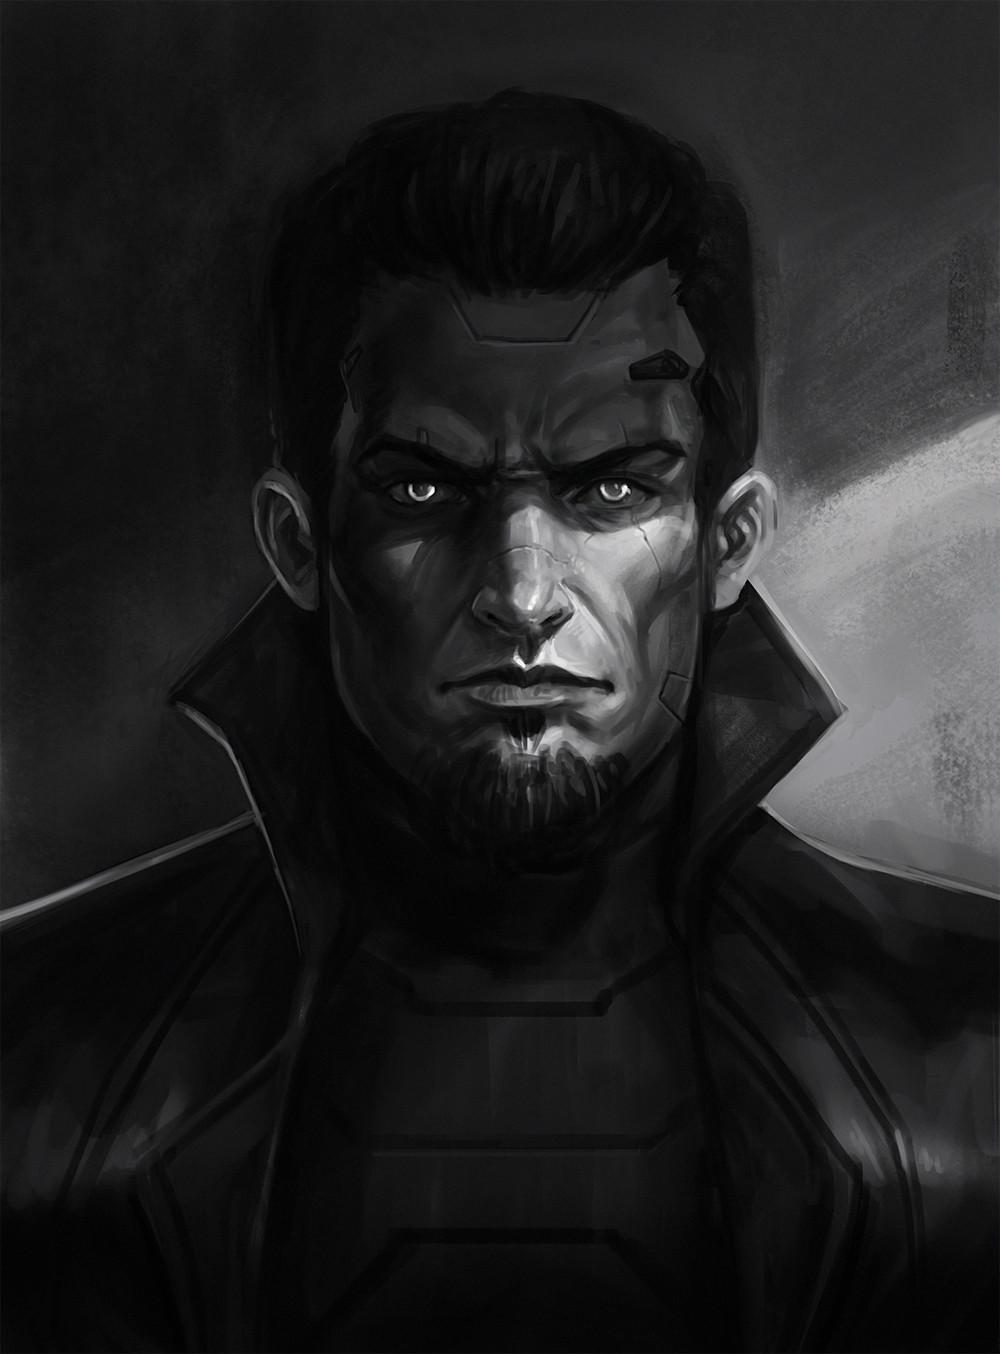 Salvador trakal sketch182